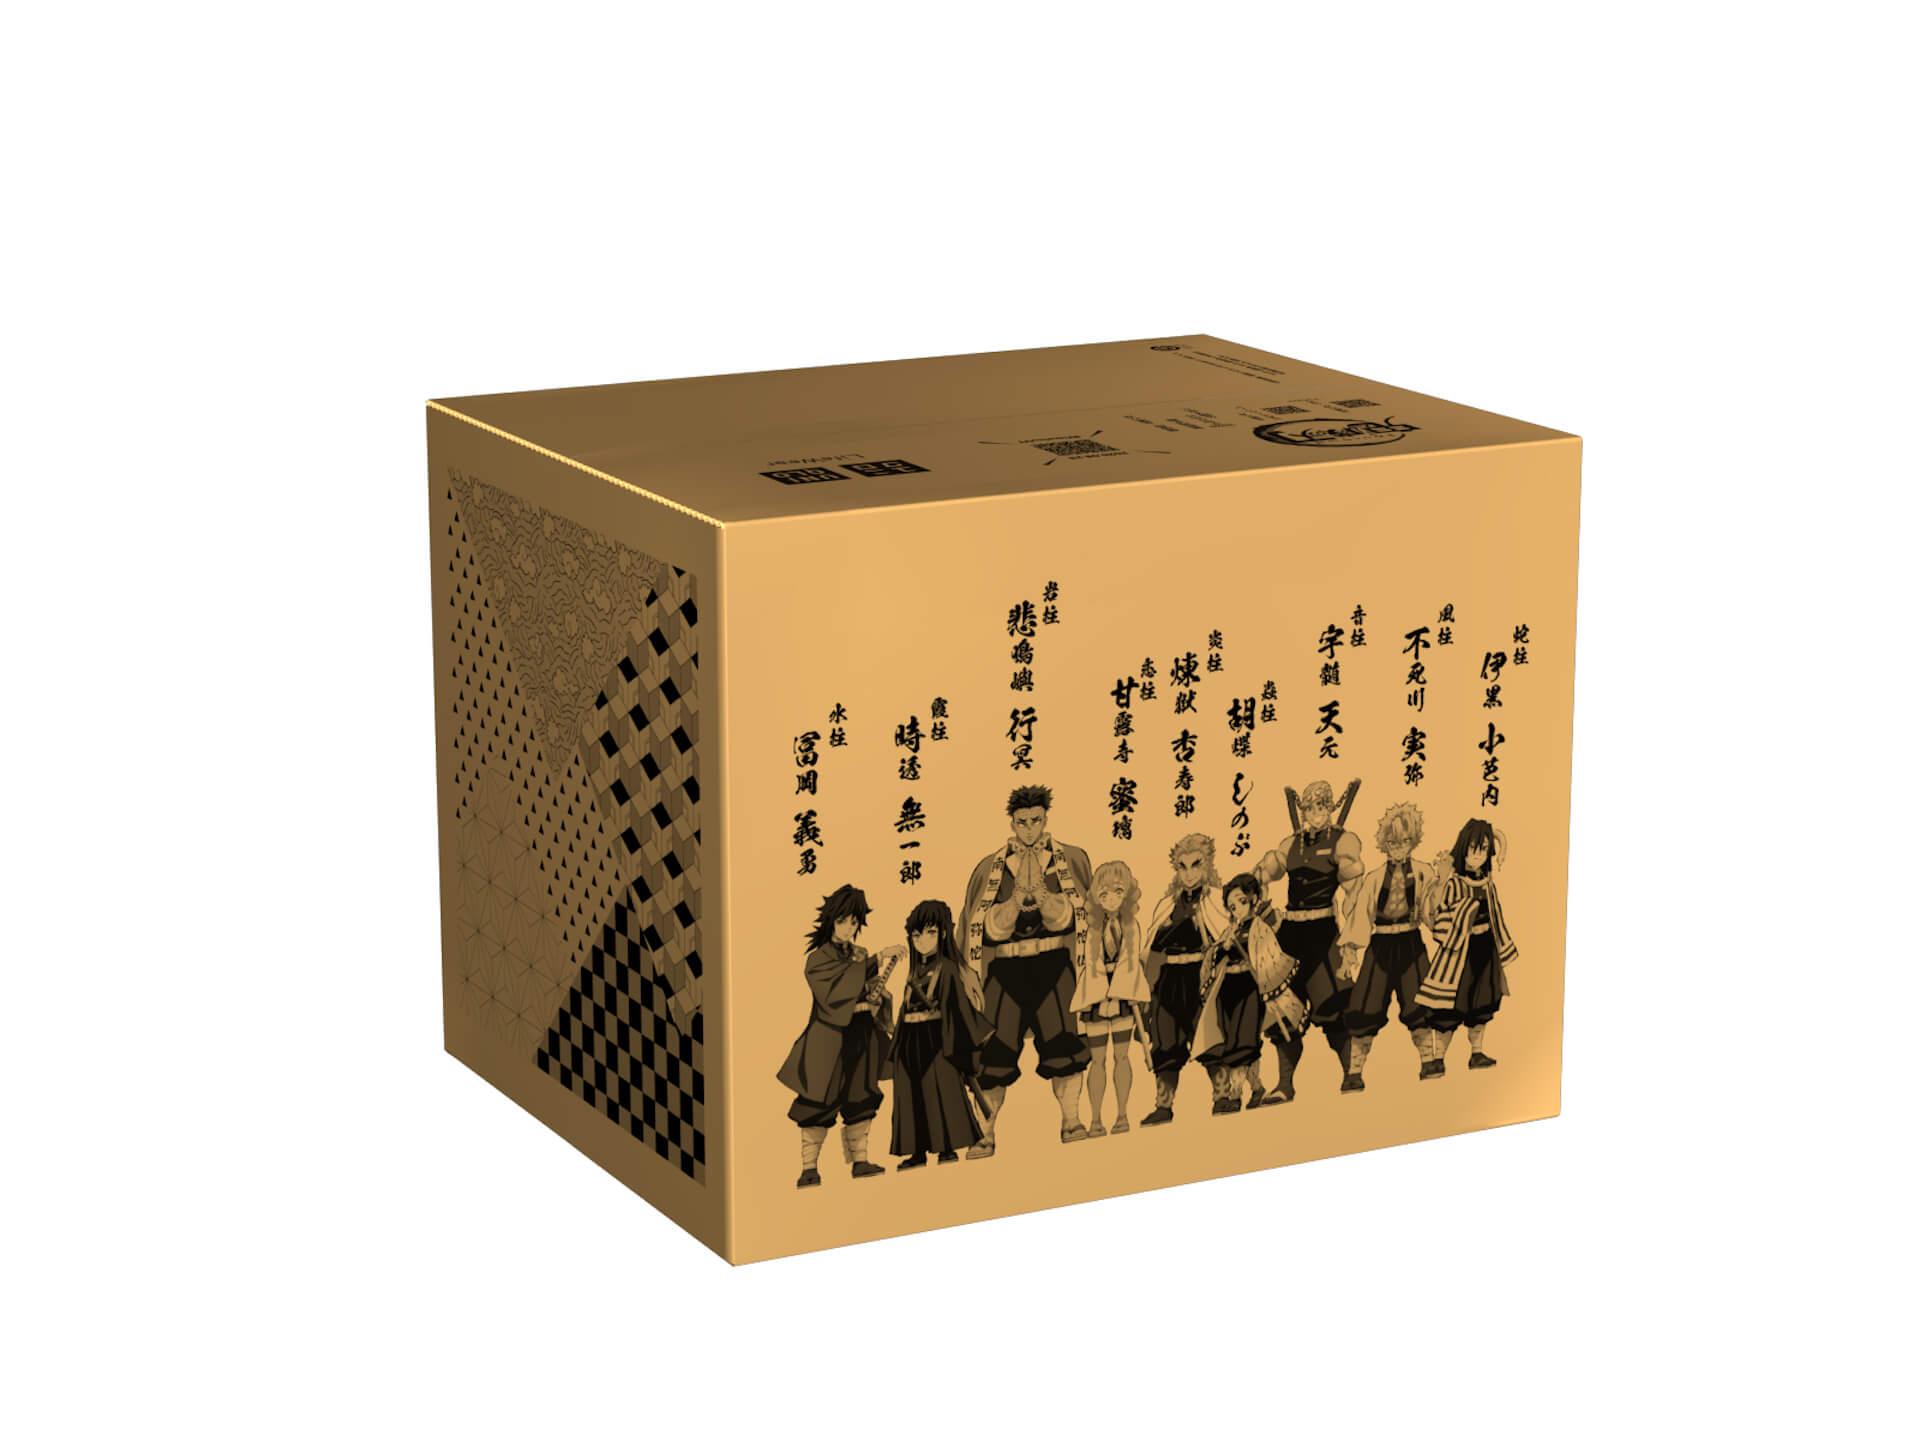 『鬼滅の刃』とユニクロ「UT」コラボ第2弾のコレクションがついに発表!着物や鍔をイメージしたバッグ&タオルも登場 life200817_kimetsu_ut_30